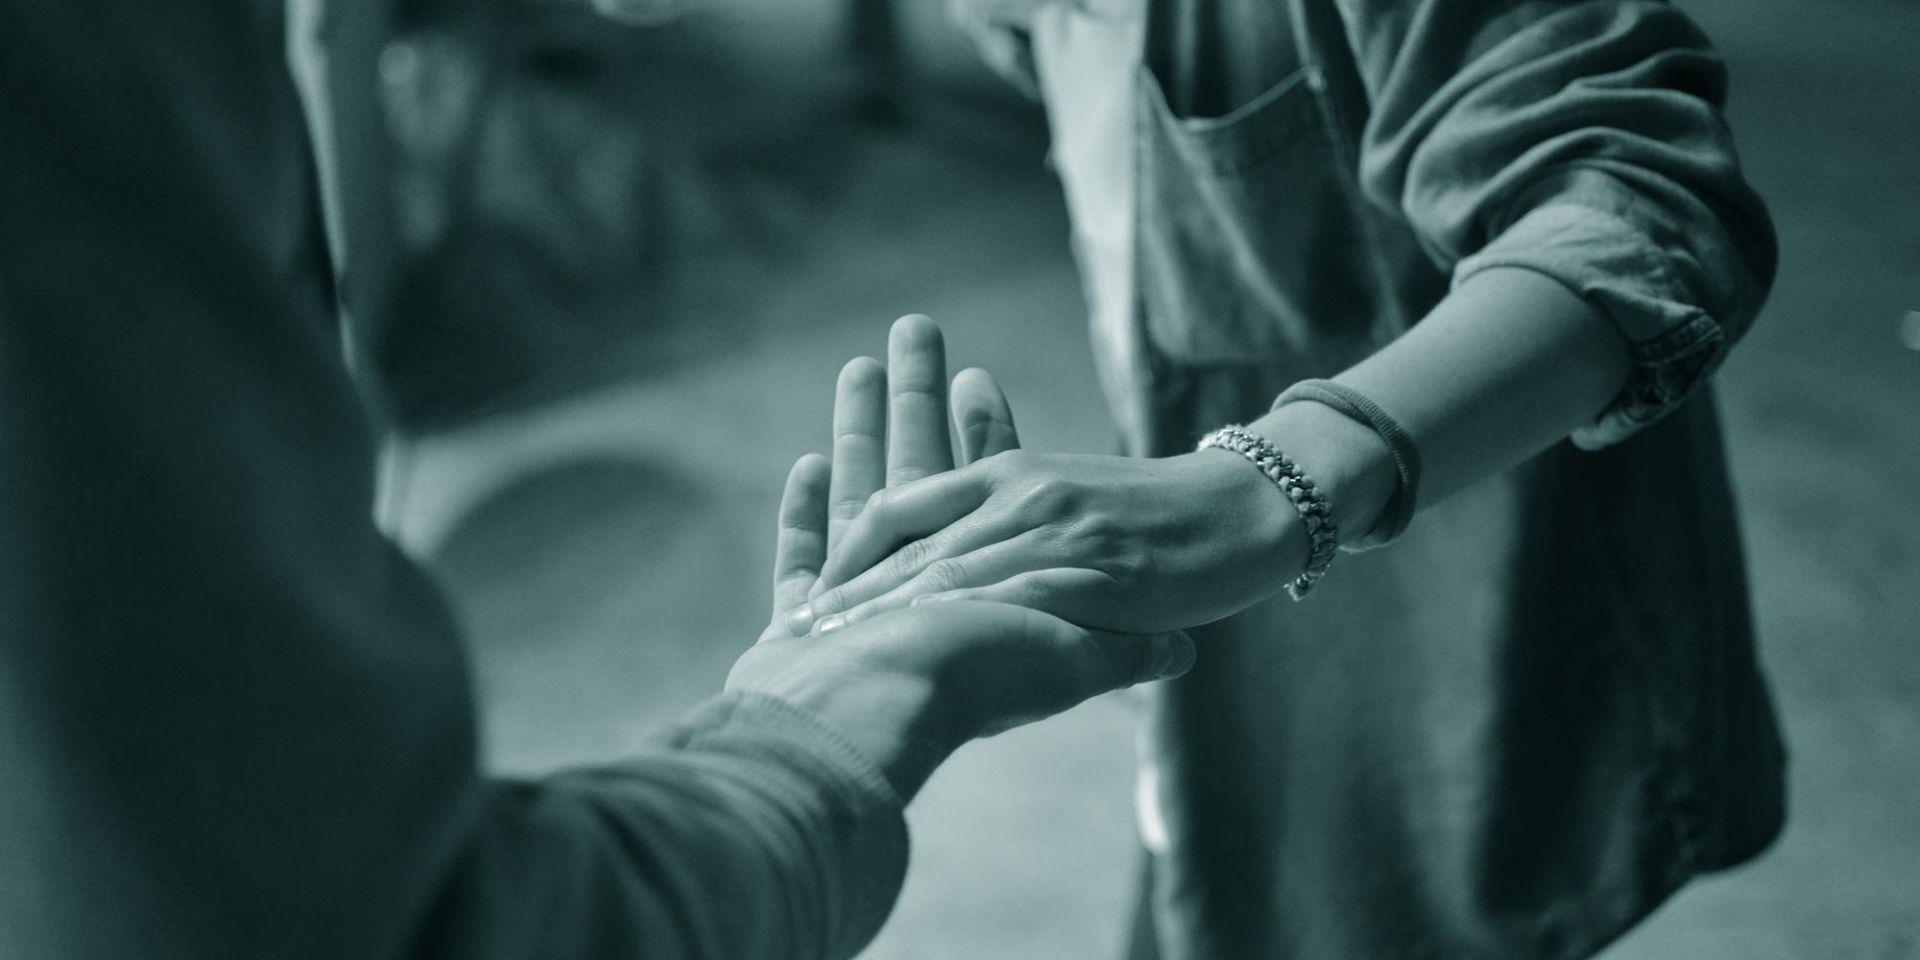 Kaksi ihmistä pitää toisiaan käsistä kiinni.